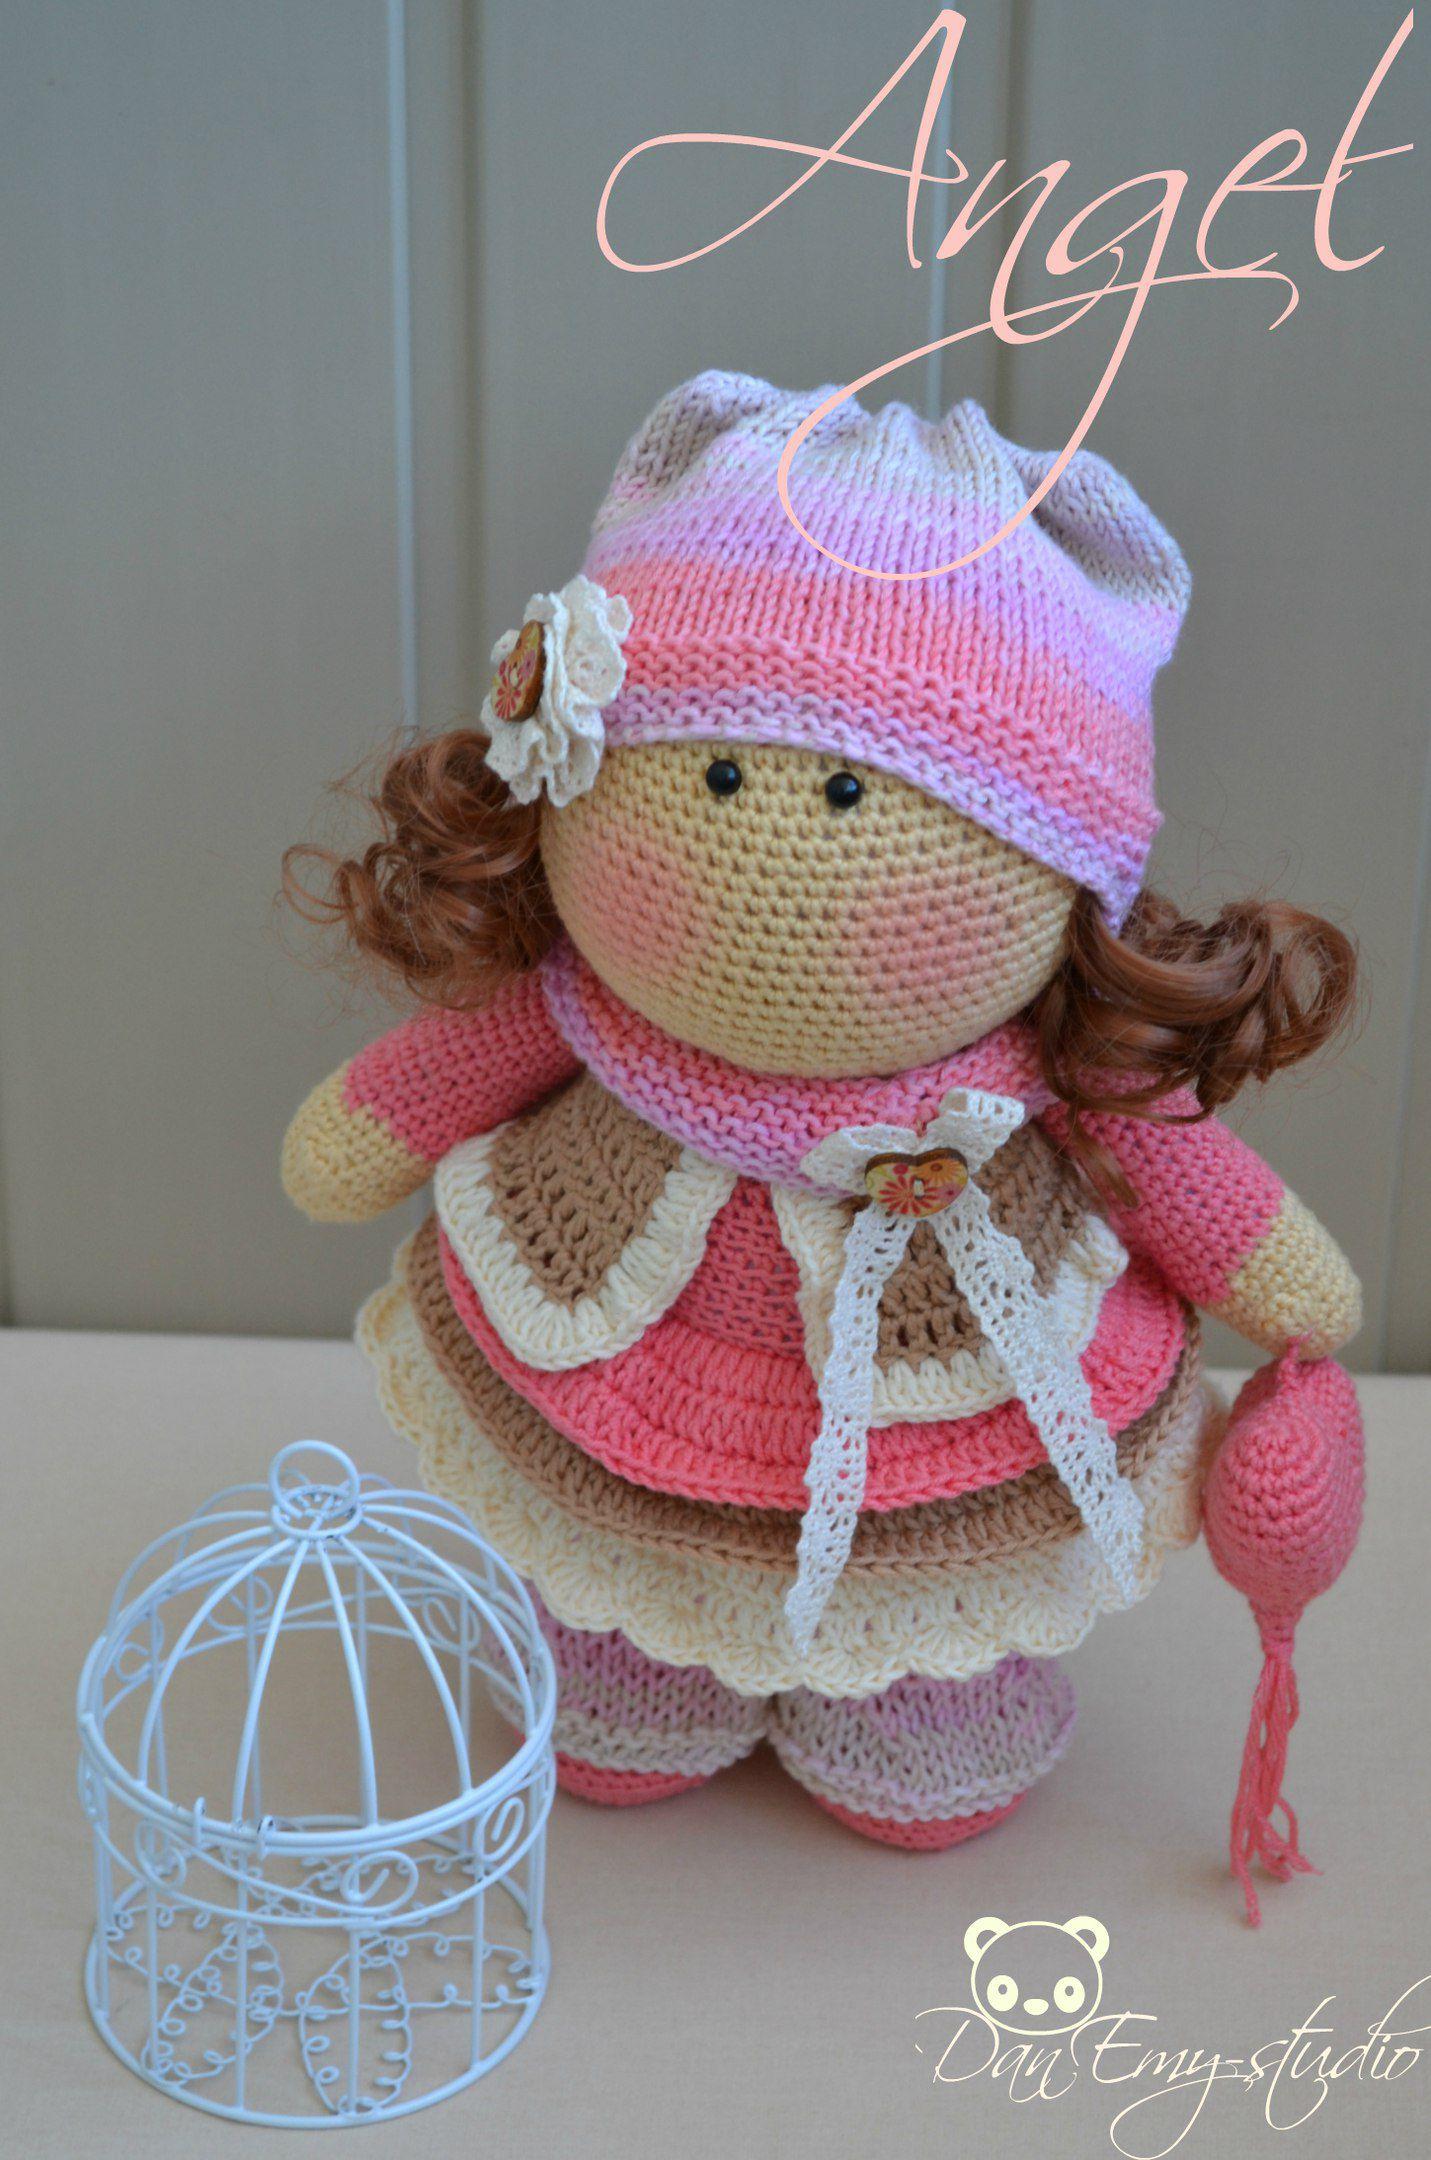 кукларучнойработы кукладлядуши авторскаякукла куклавподарок dolls интерьернаякукла